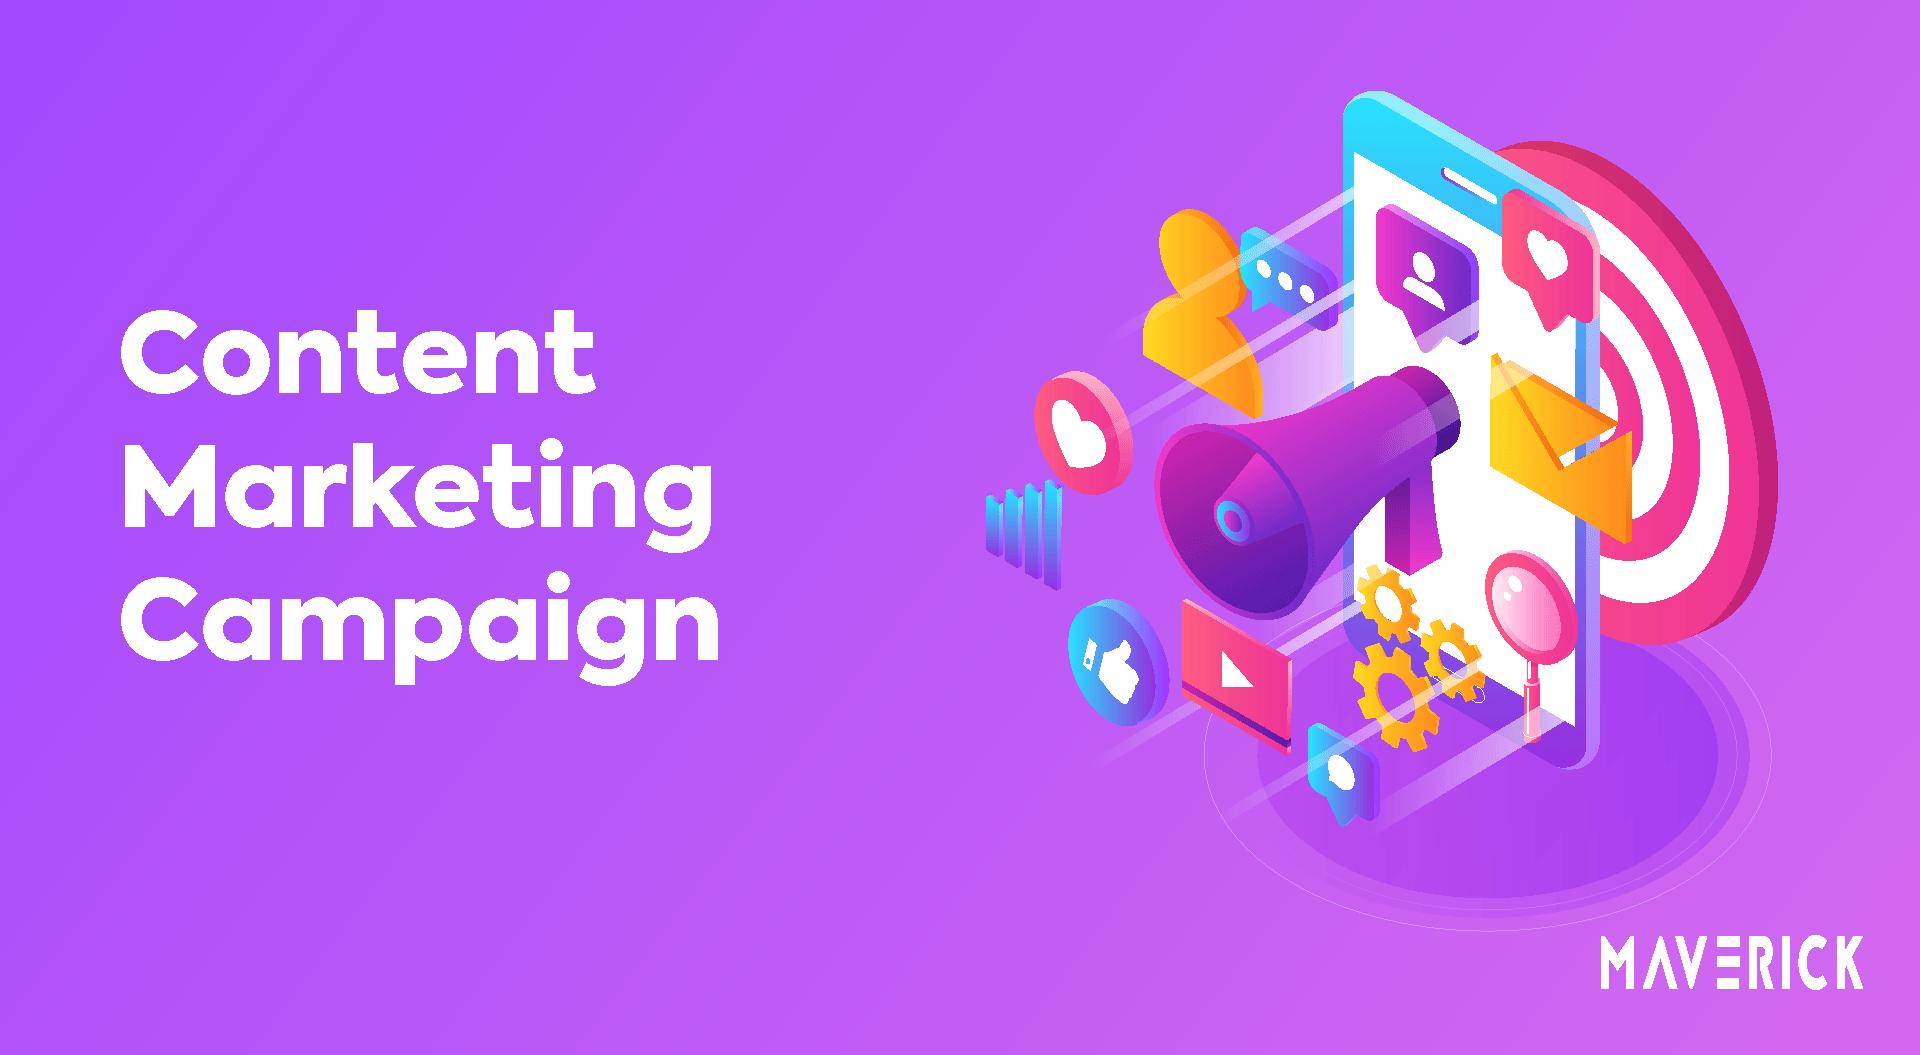 Successful Content Marketing Campaign